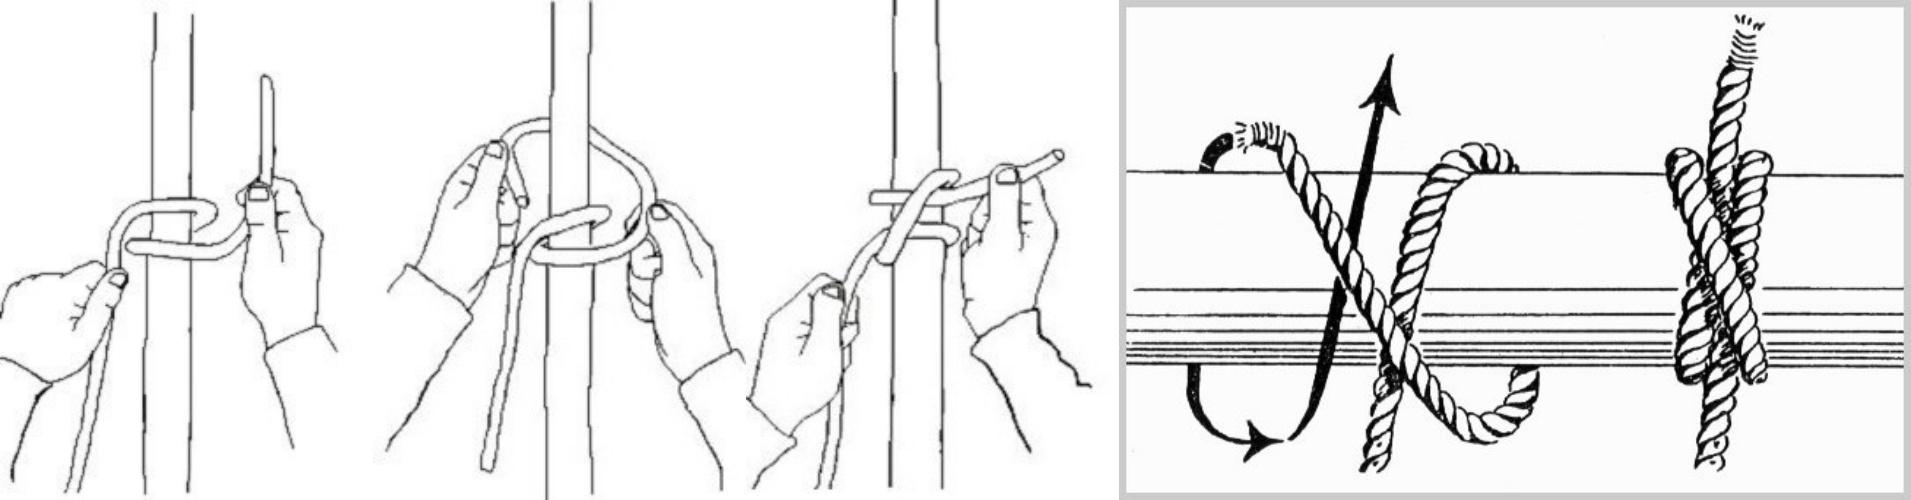 corda parlato1-side